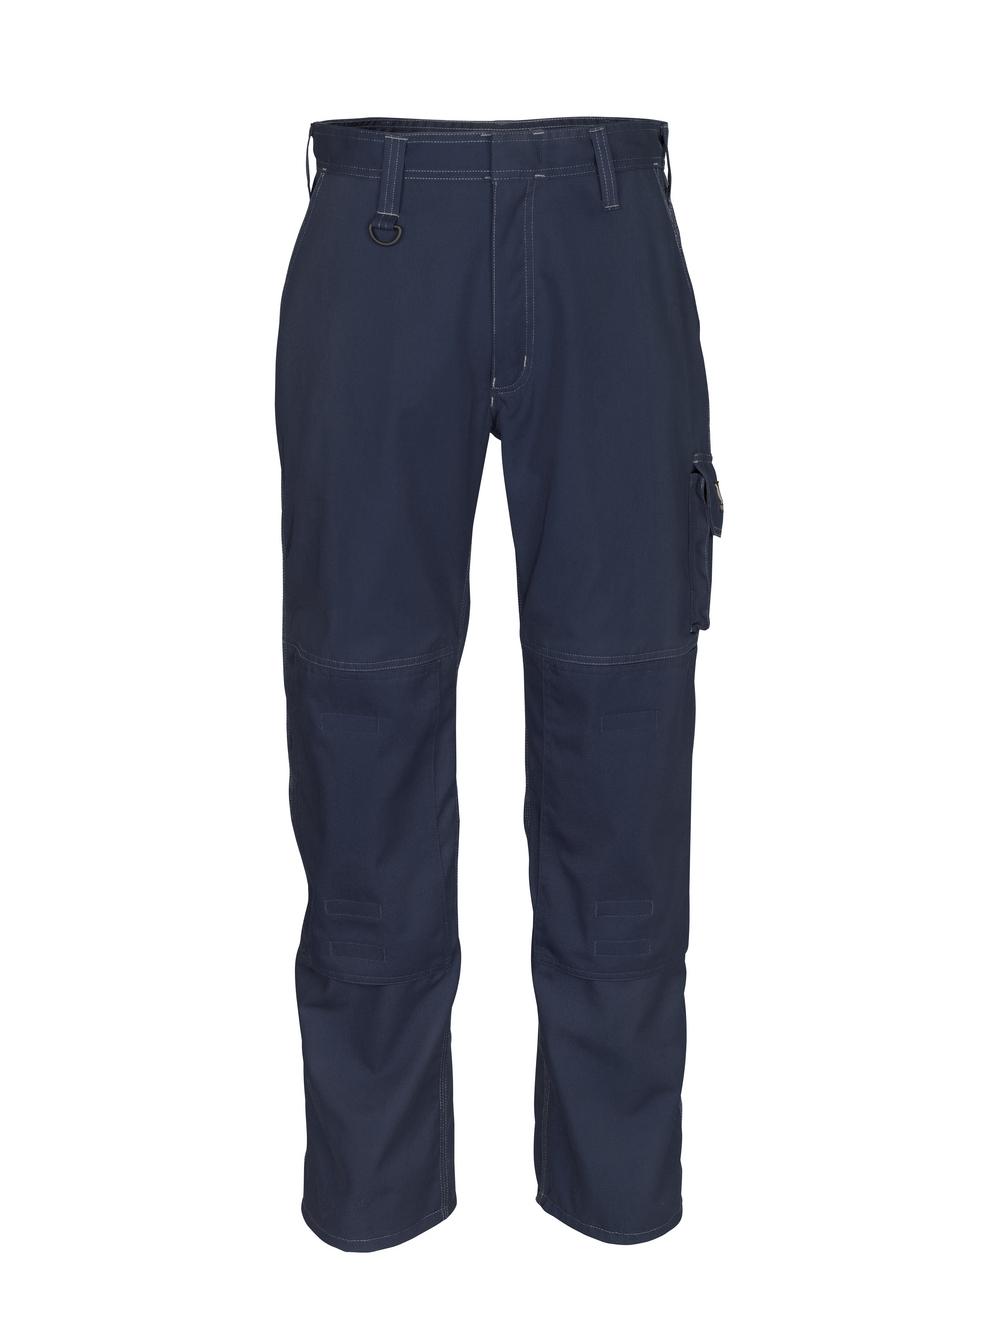 10579-442-010 Hose mit Knietaschen - Schwarzblau